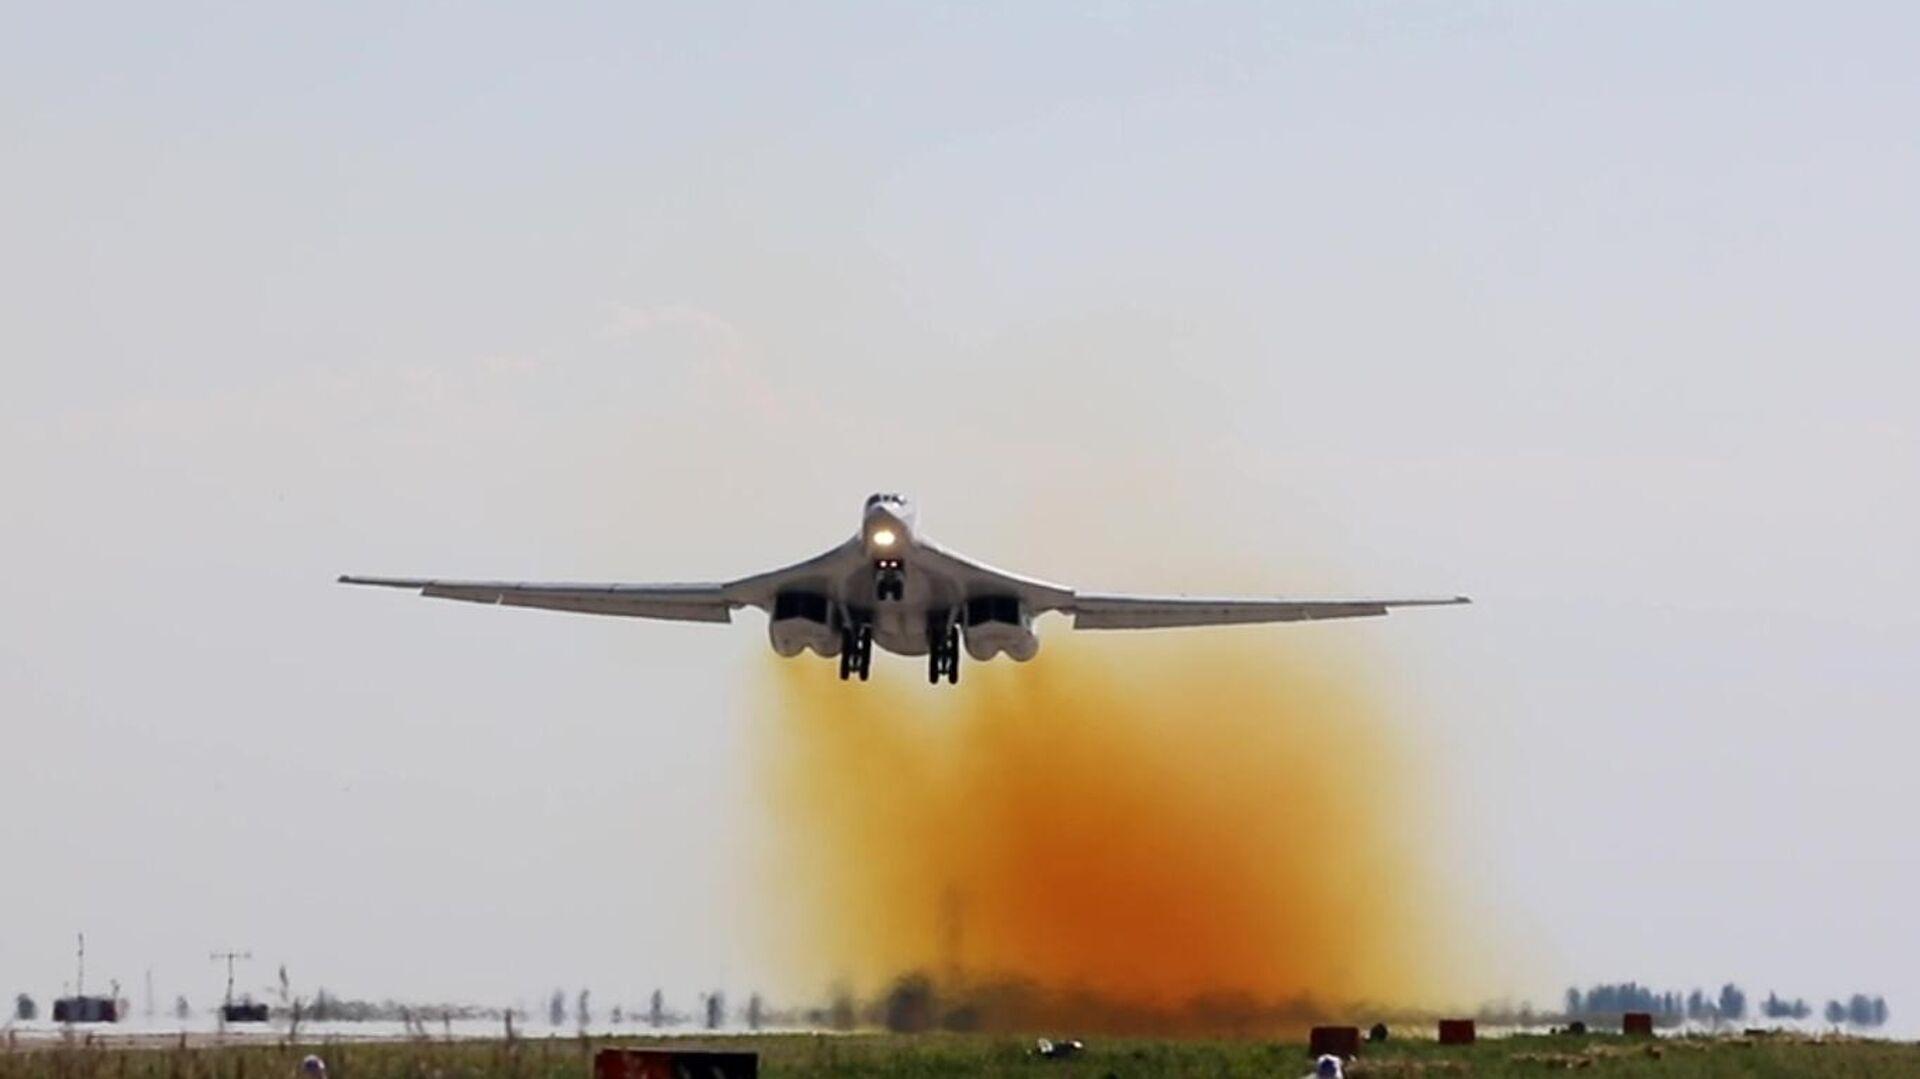 Стратегический ракетоносец Ту-160 начинает плановый полет над водами Баренцева и Норвежского морей - РИА Новости, 1920, 03.08.2021